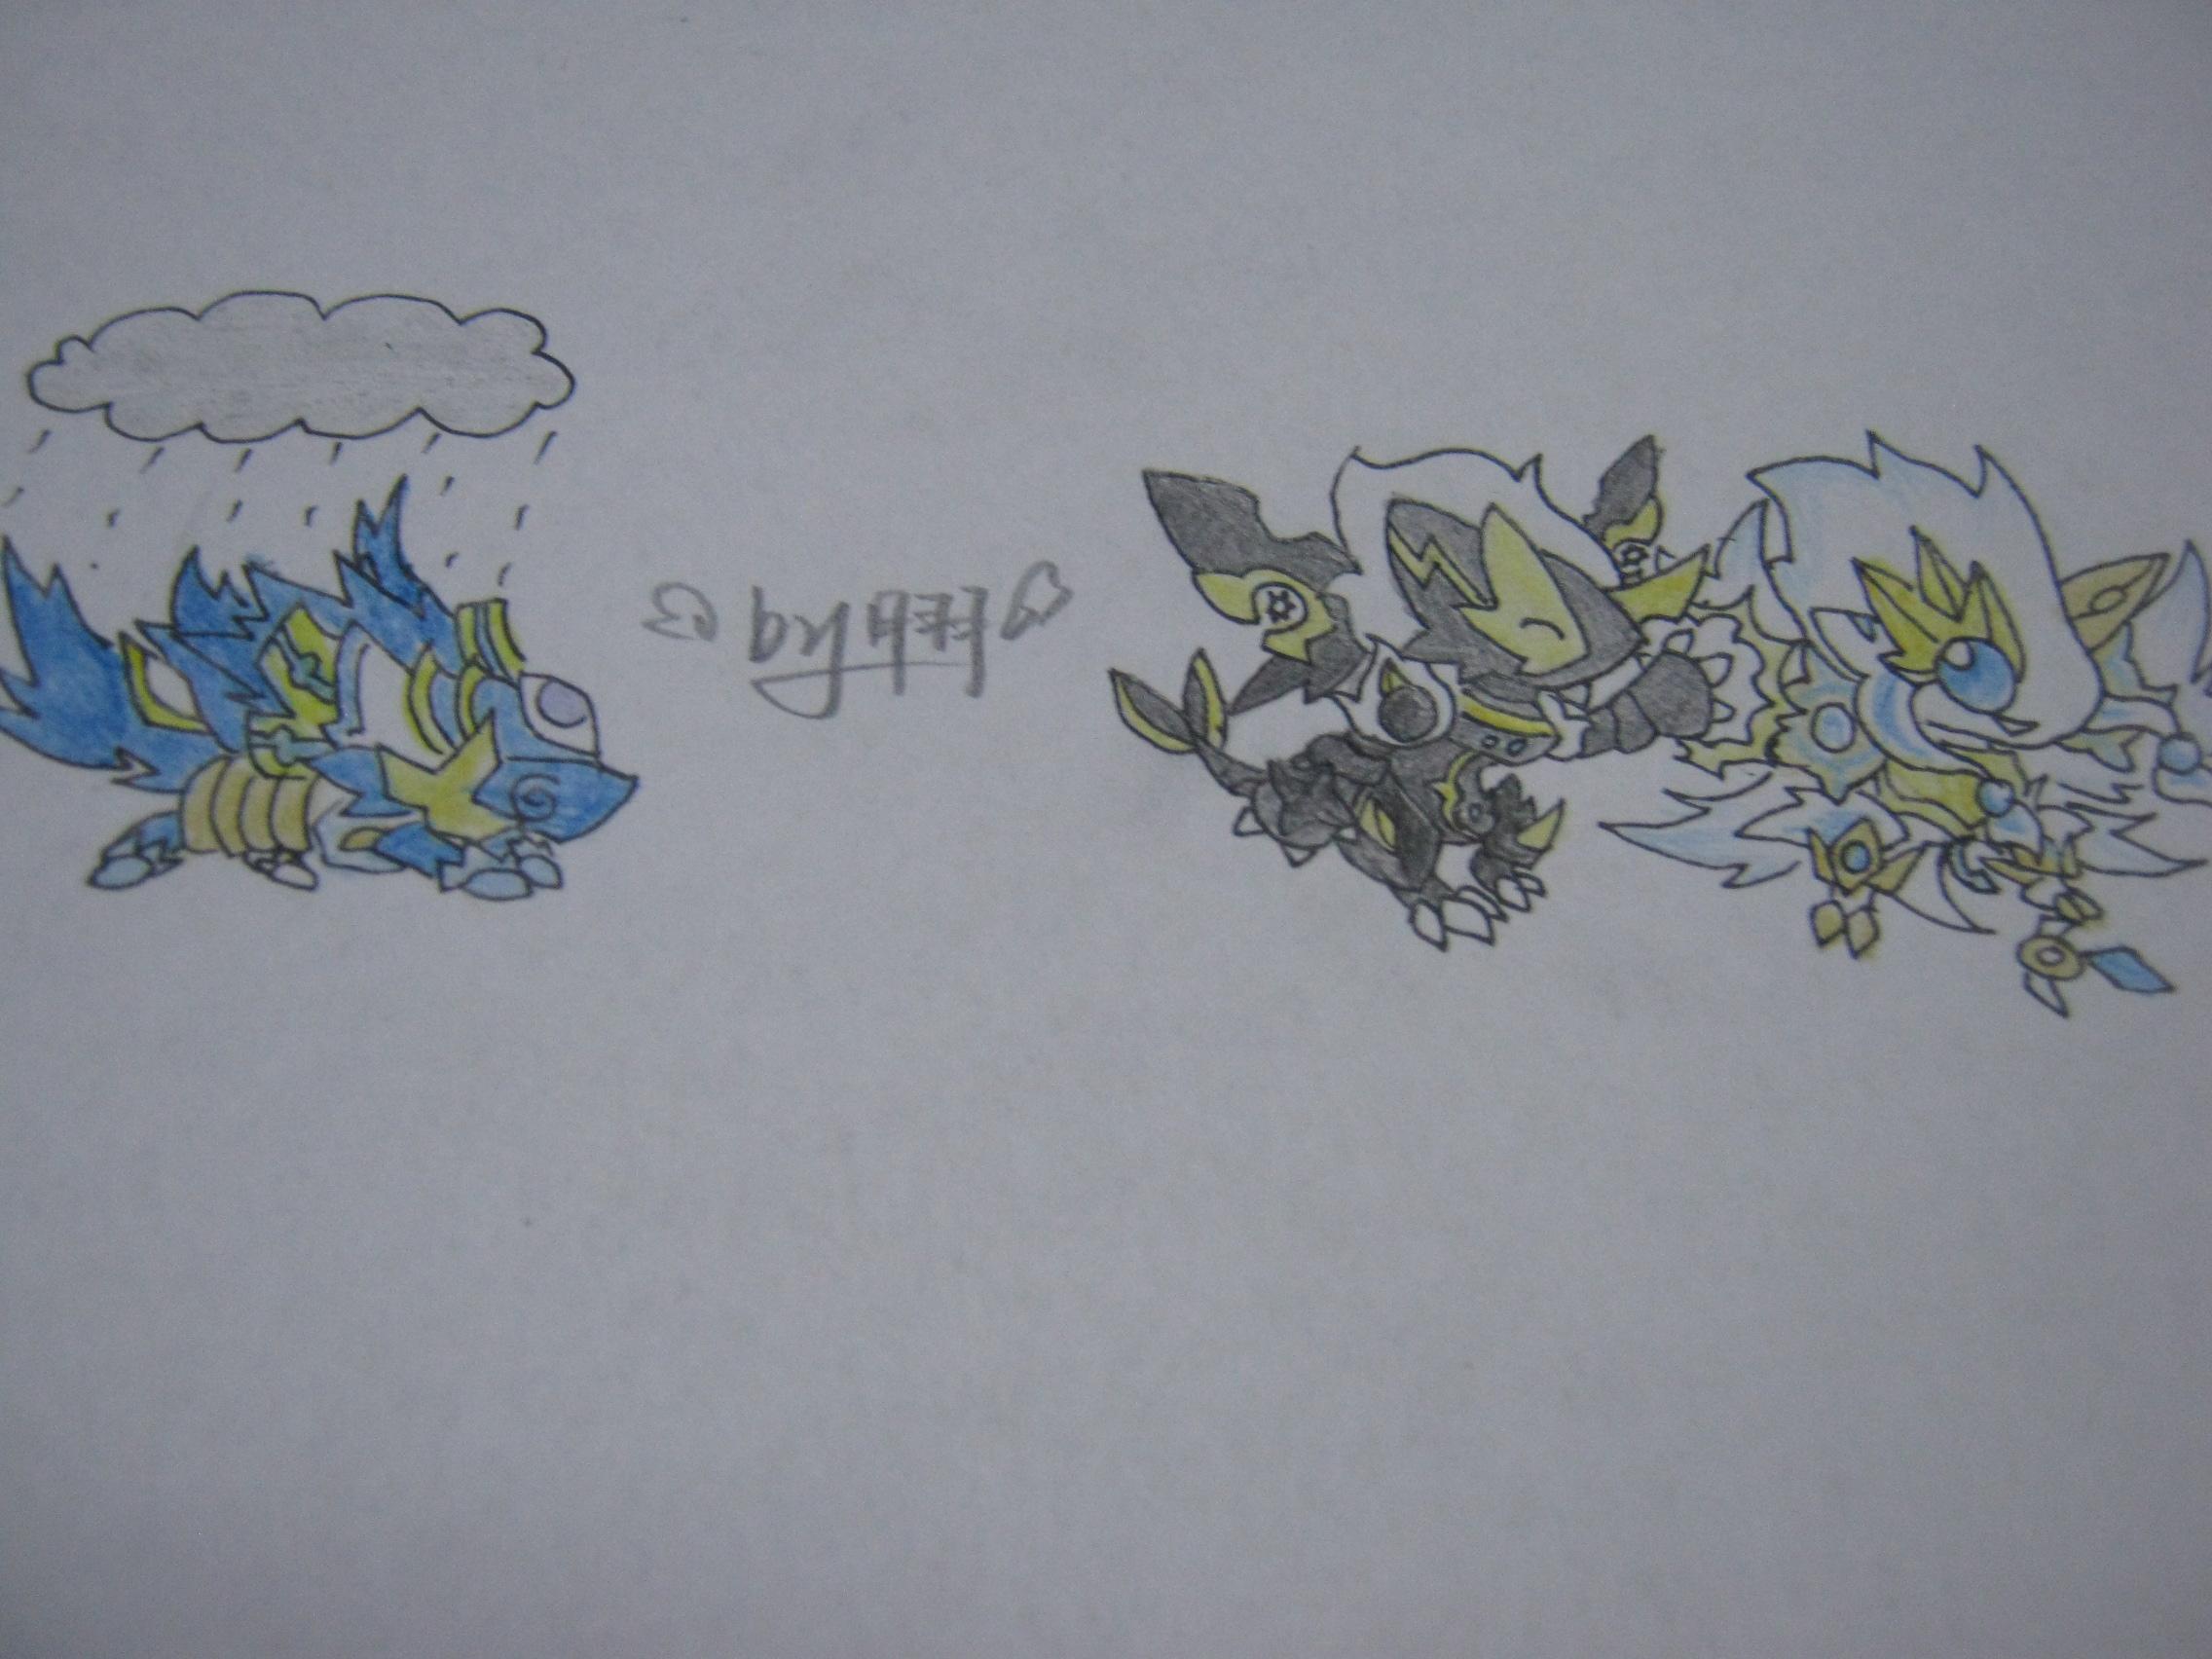 【月羽手绘】手绘图楼!爱绘党请戳!